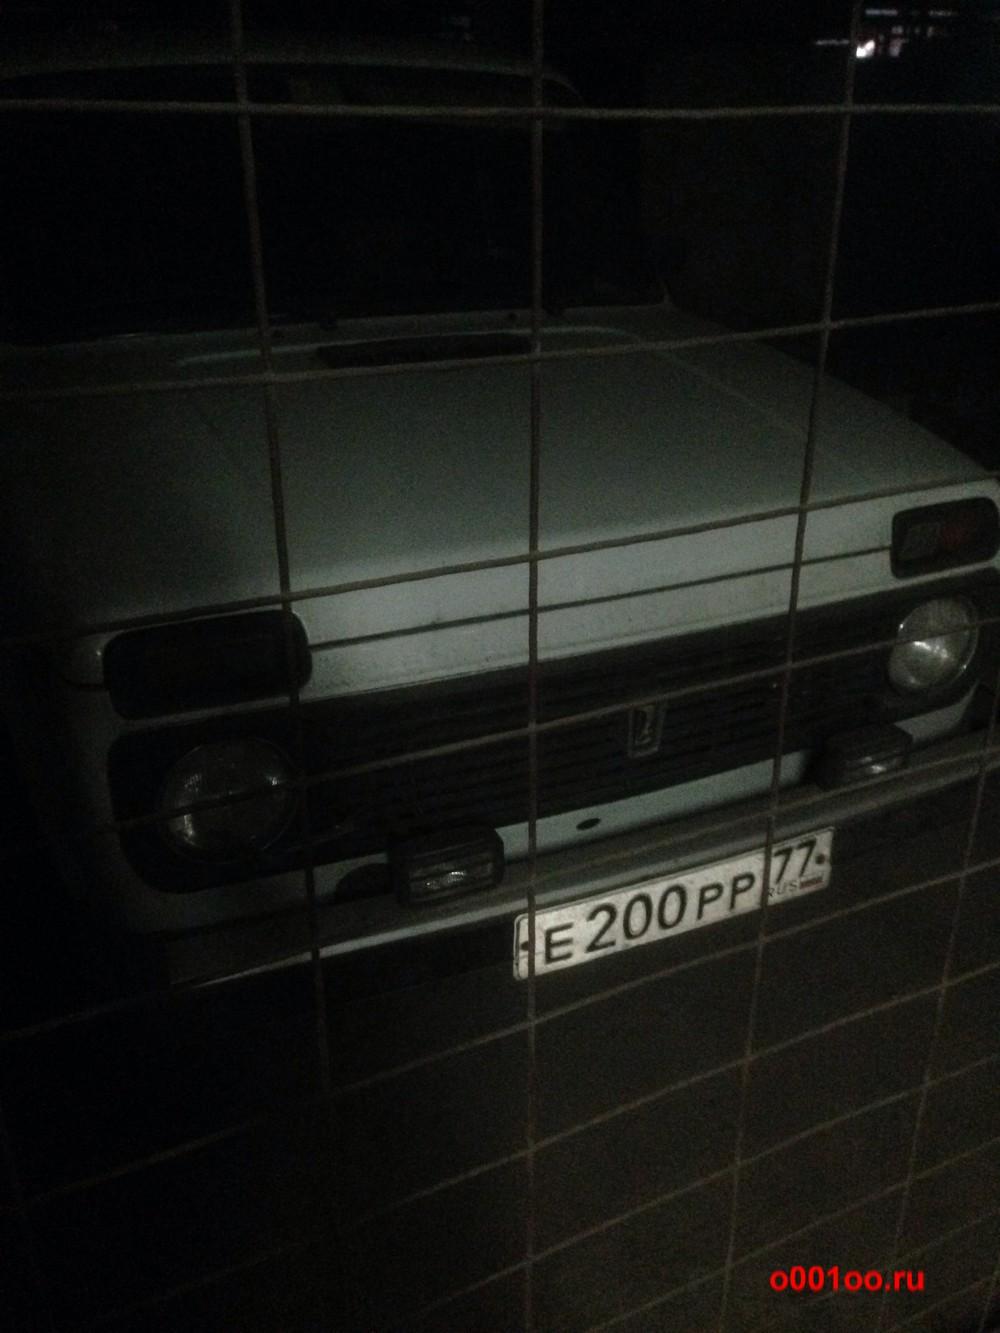 е200рр77